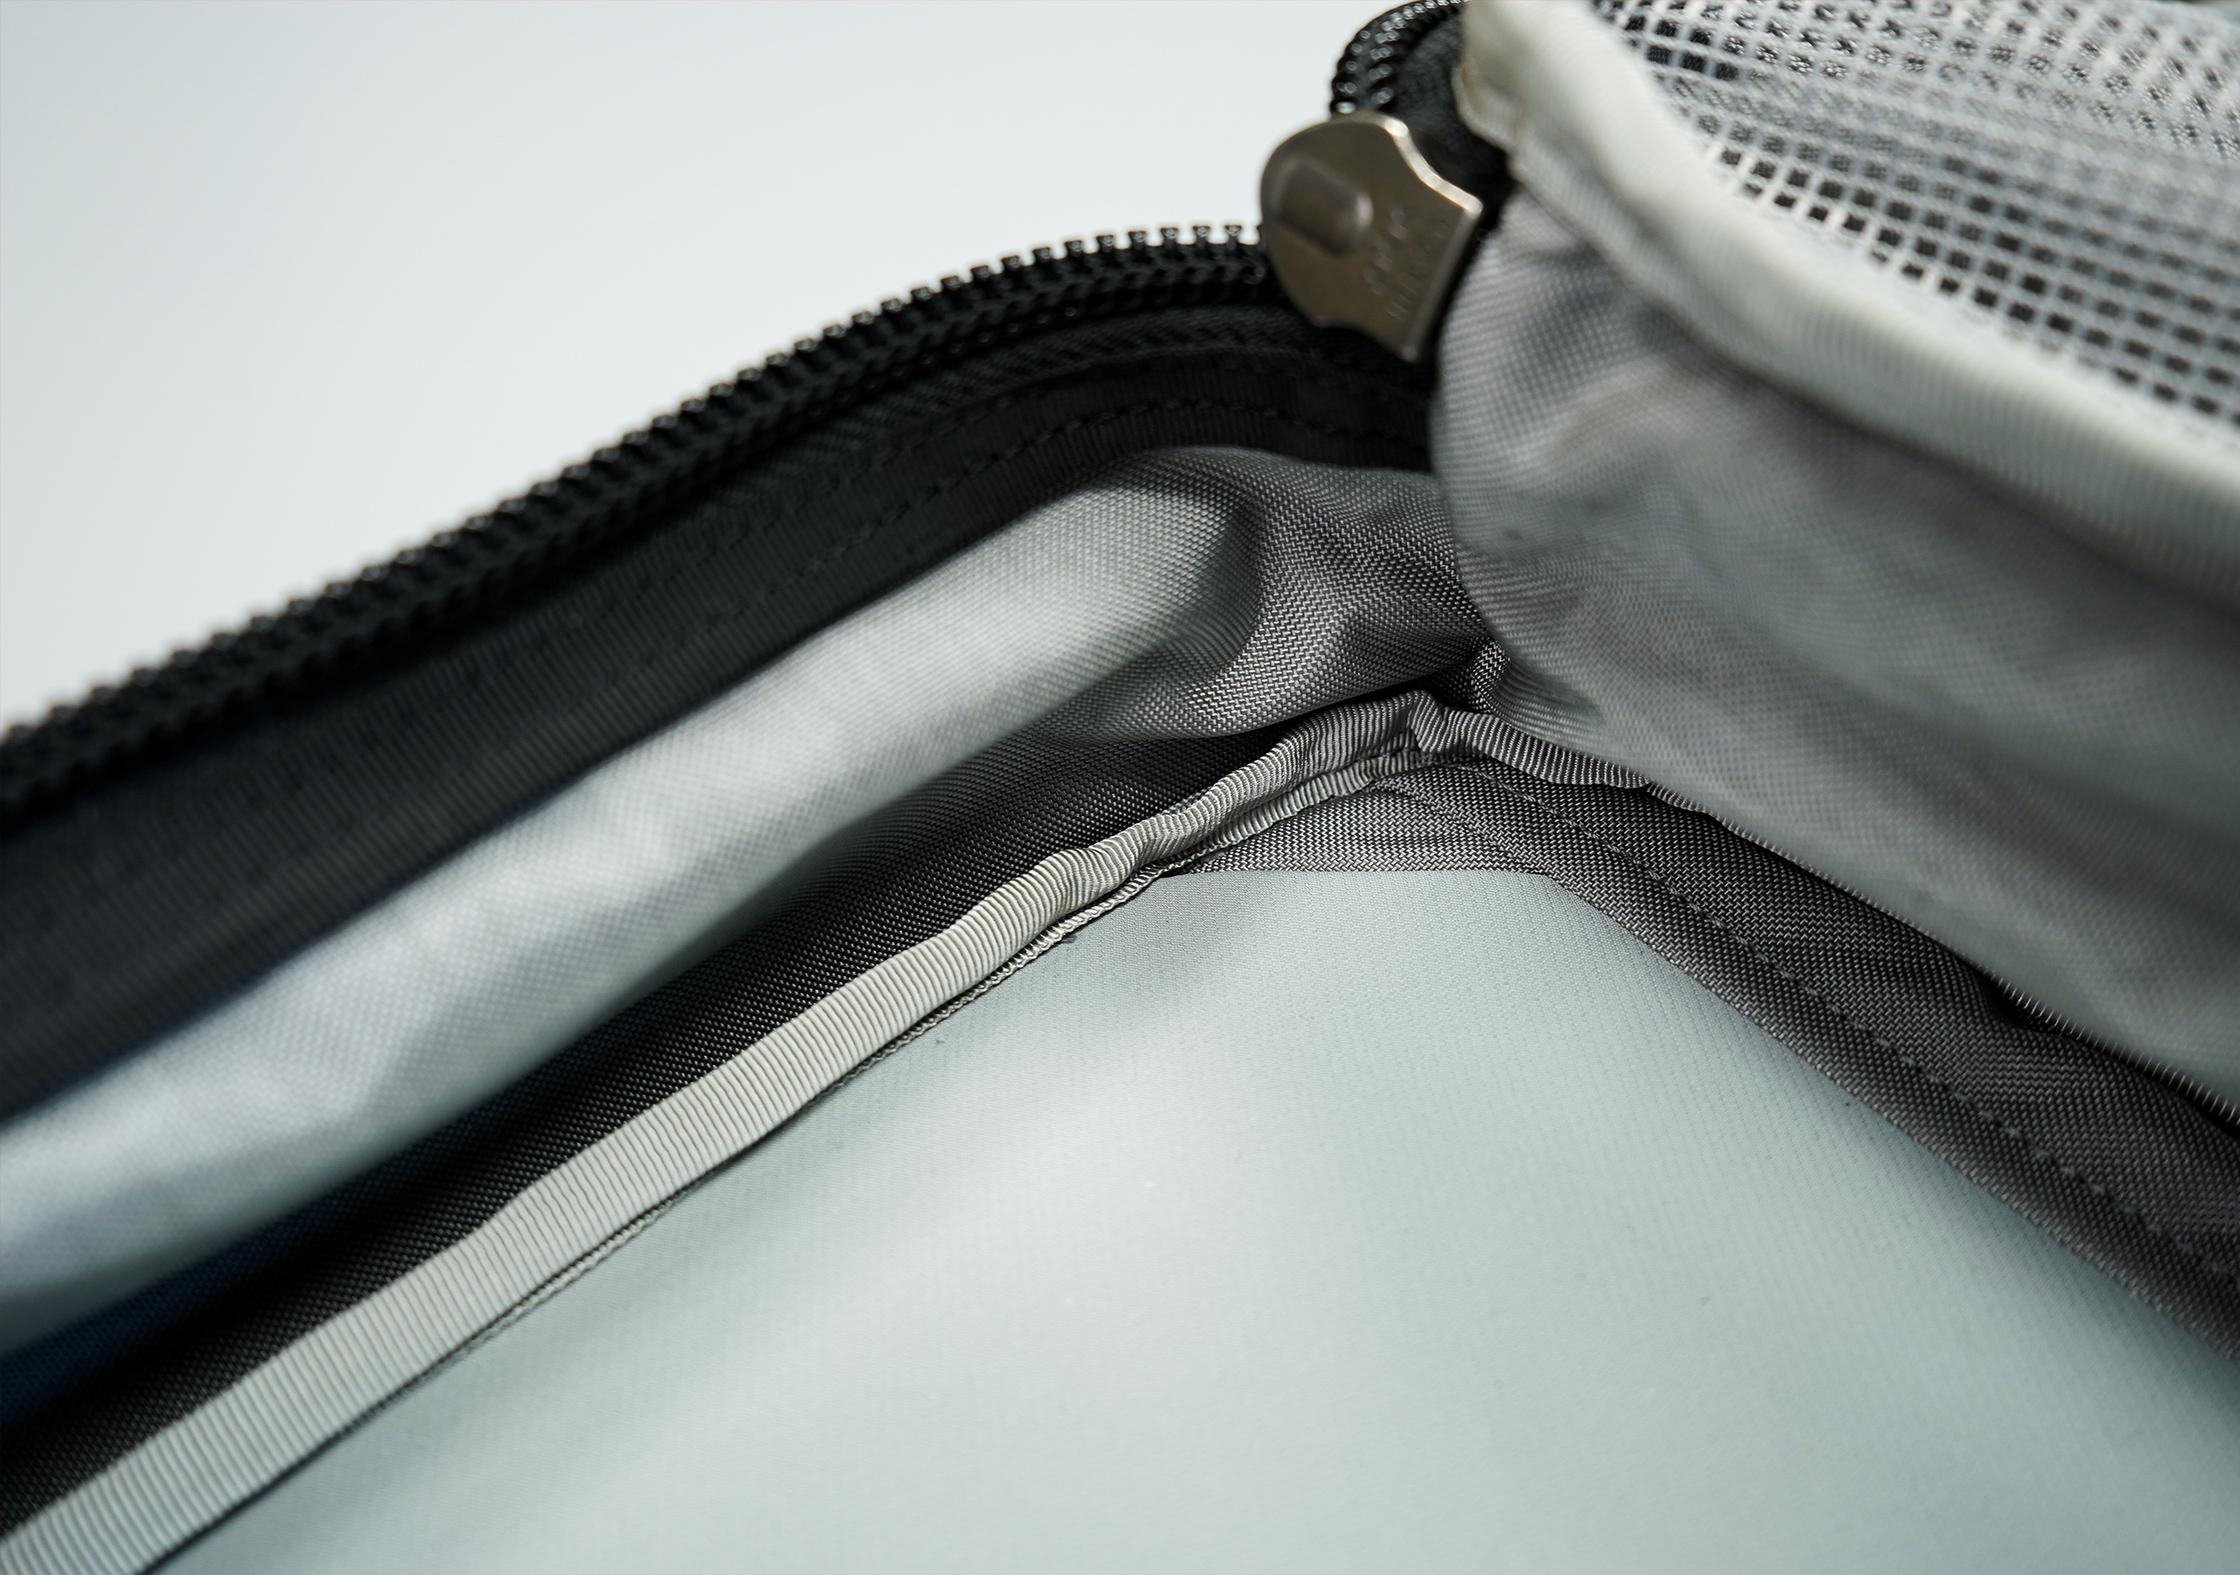 EVERGOODS CPL24 Stretch Pocket